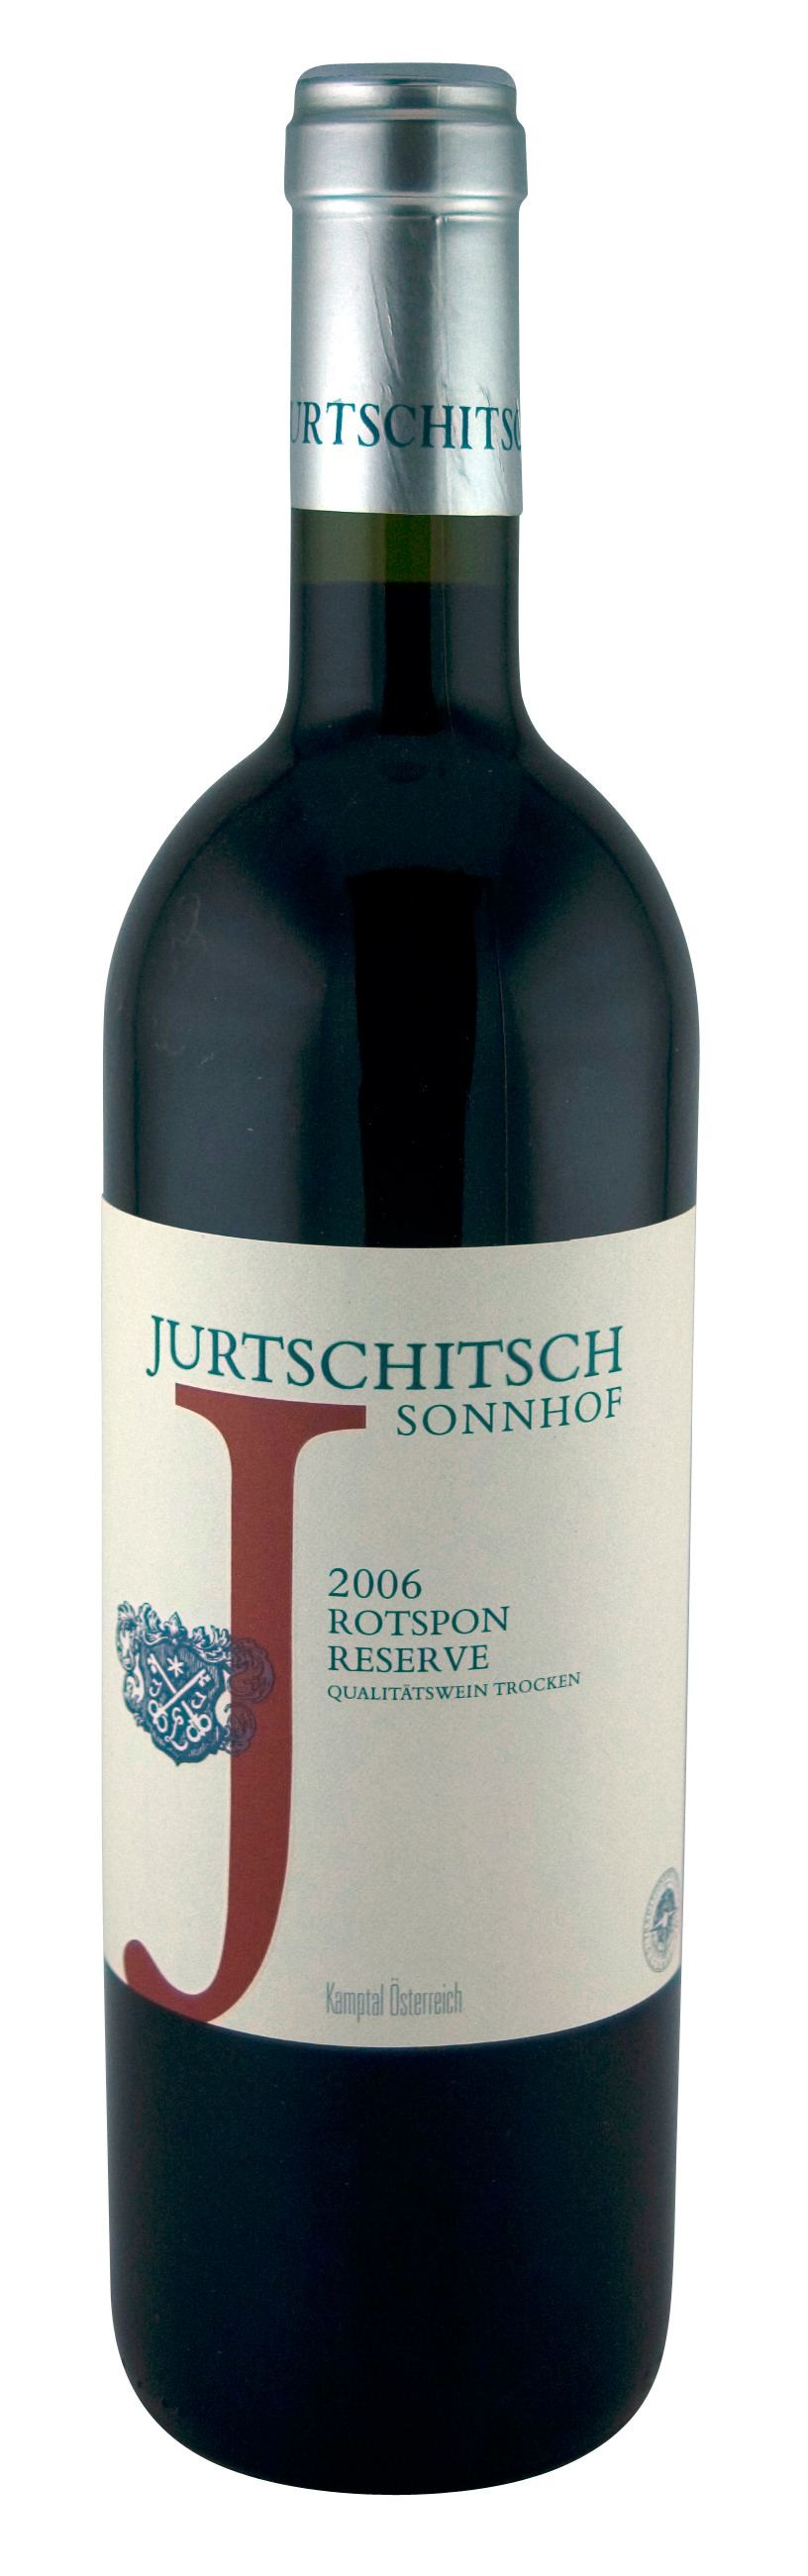 Jurtschitsch - Rotspon Reserve bio, 2012